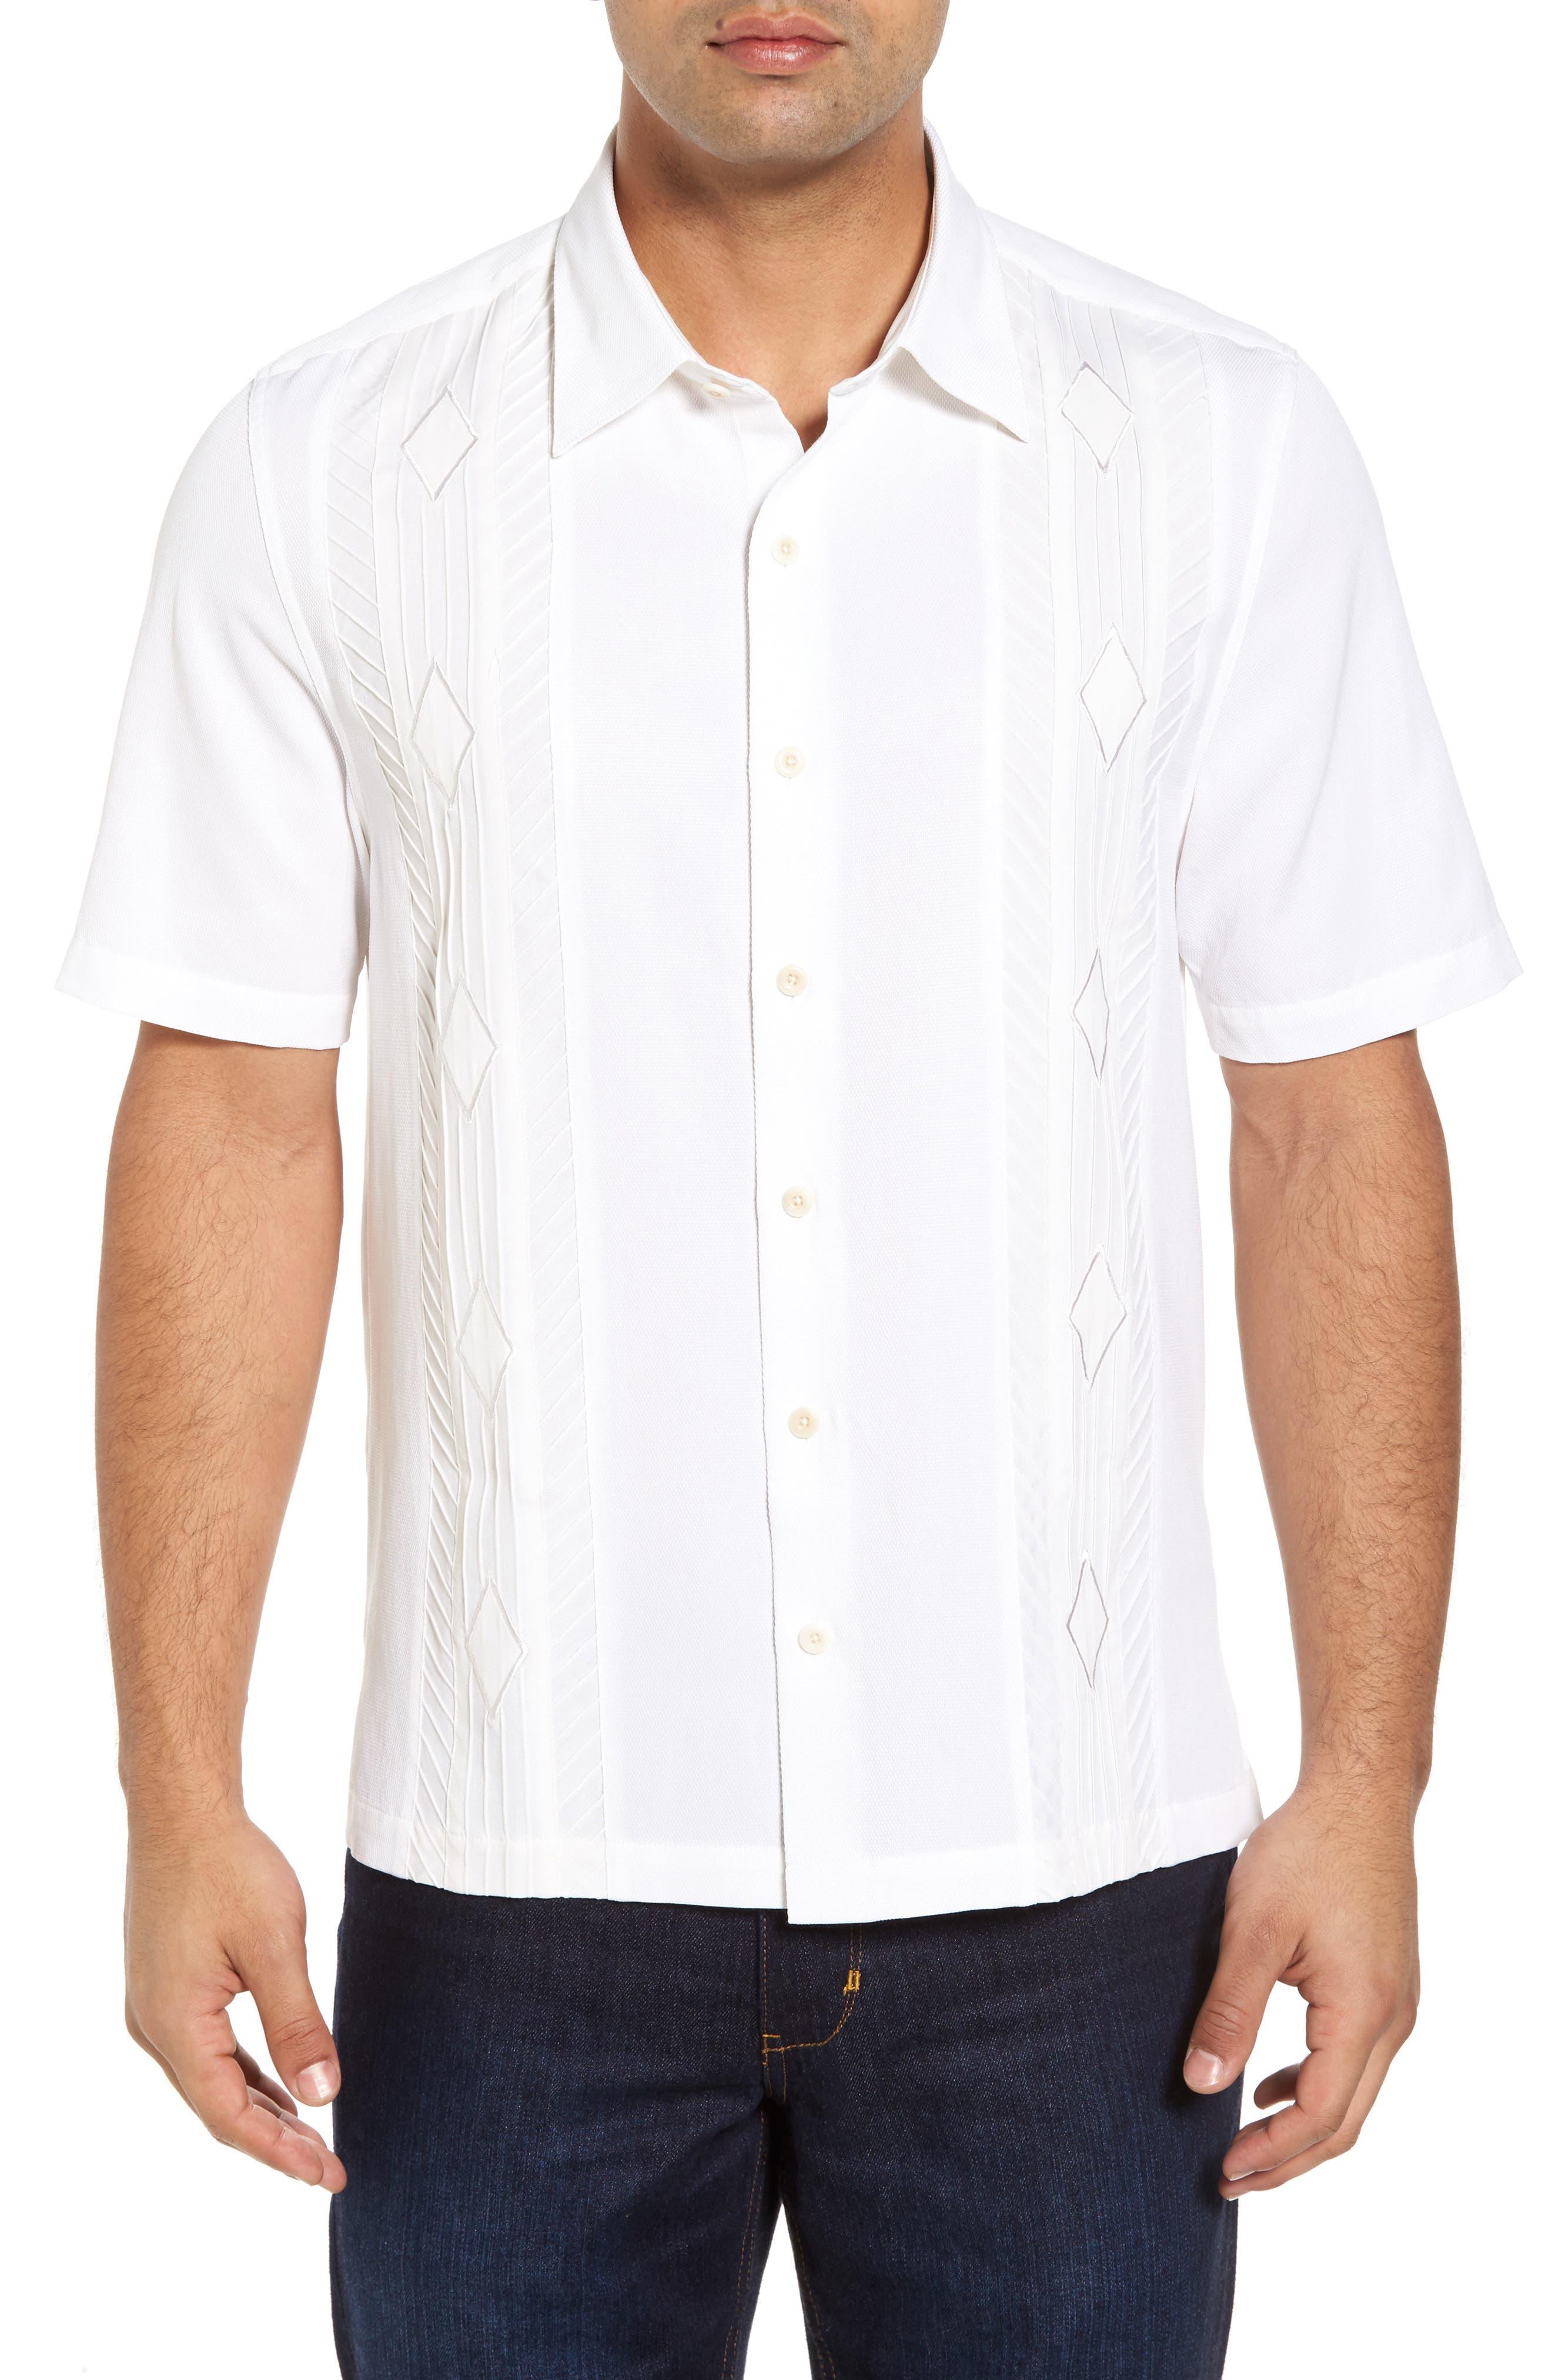 Alternate Image 1 Selected - Nat Nast Gondola Embroidered Jacquard Silk Blend Sport Shirt